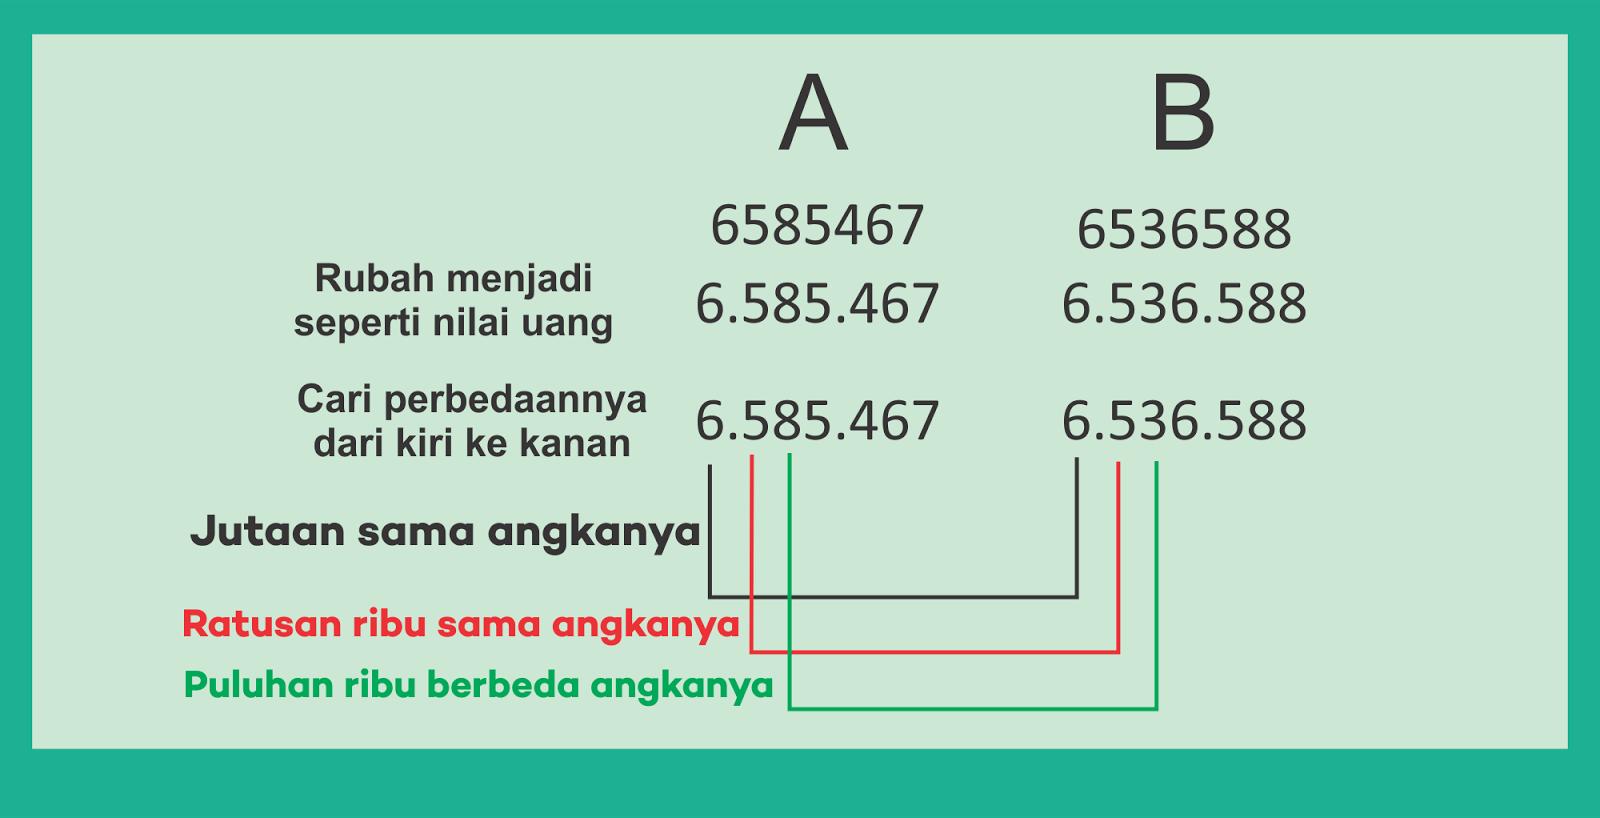 Soal Perbandingan Bilangan Bulat